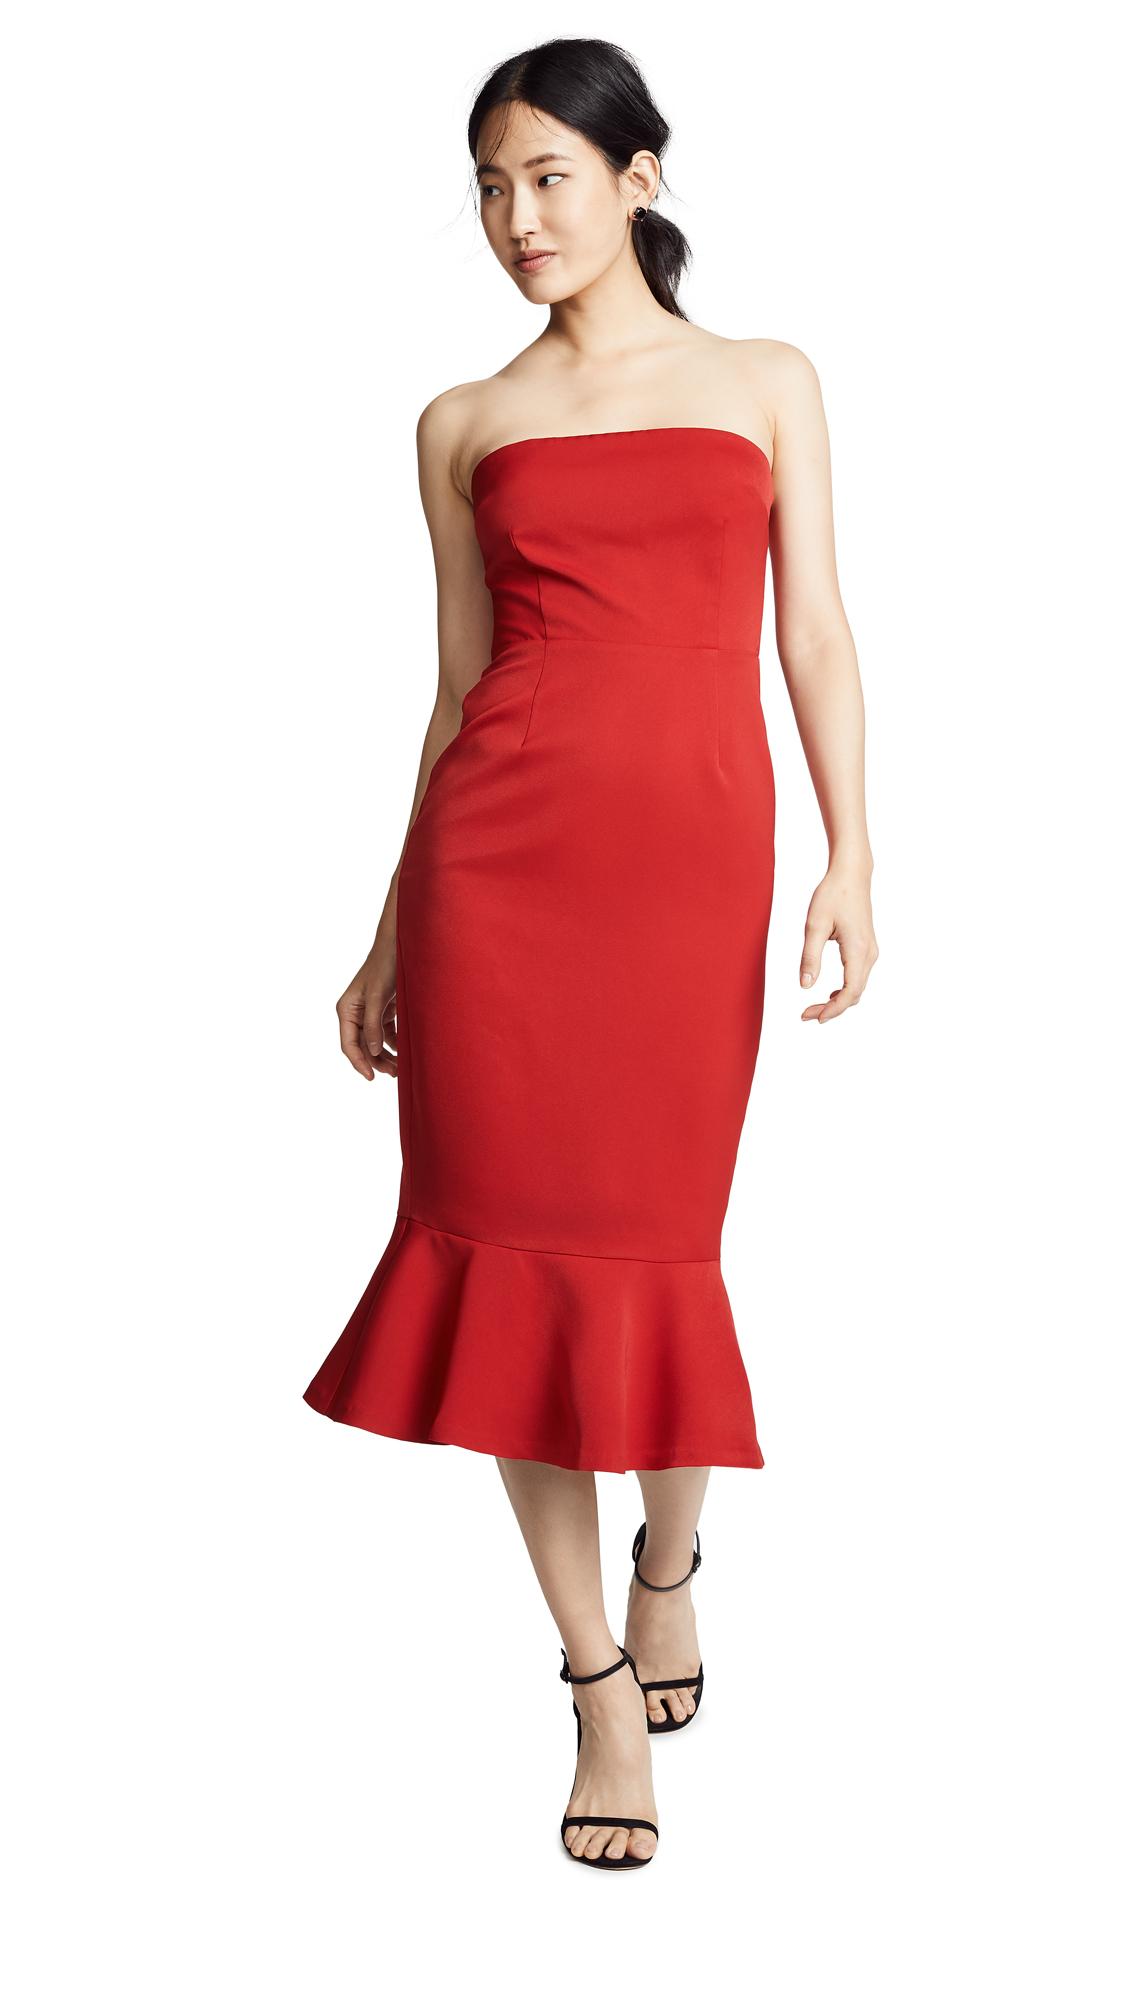 BB Dakota Light My Fire Strapless Dress